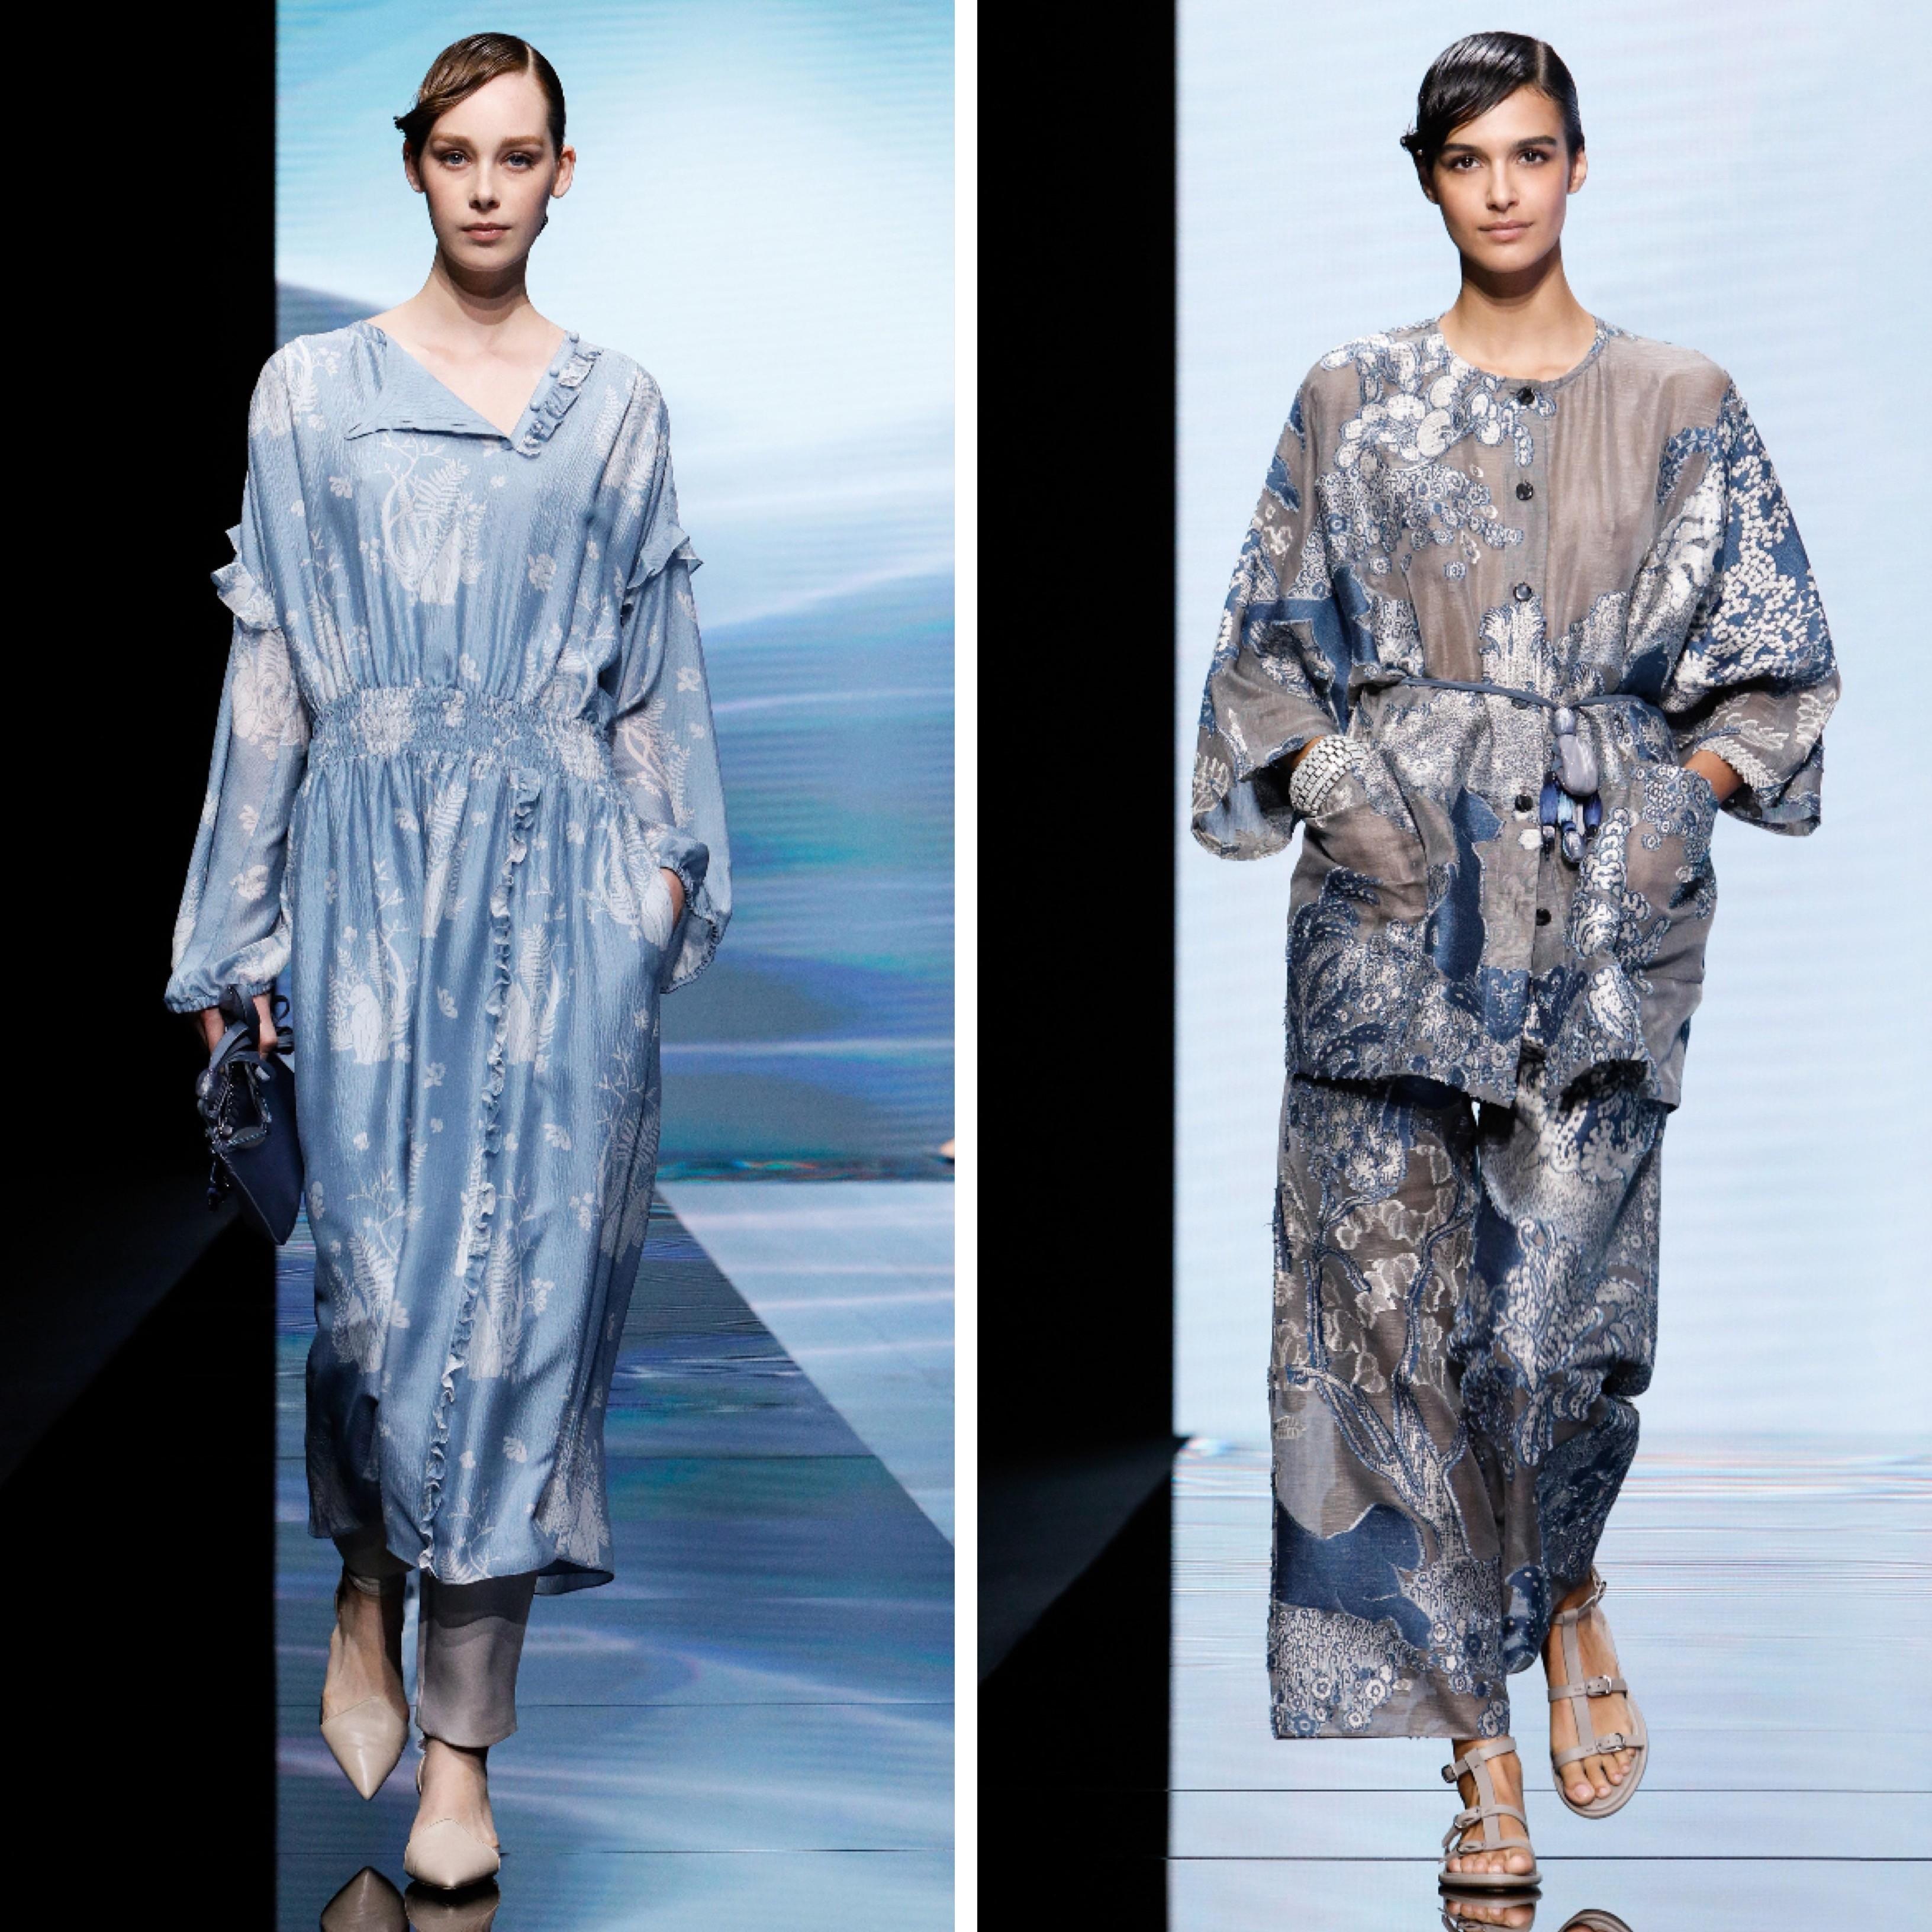 Semana de moda de Milão: Giorgio Armani (Foto: Divulgação )